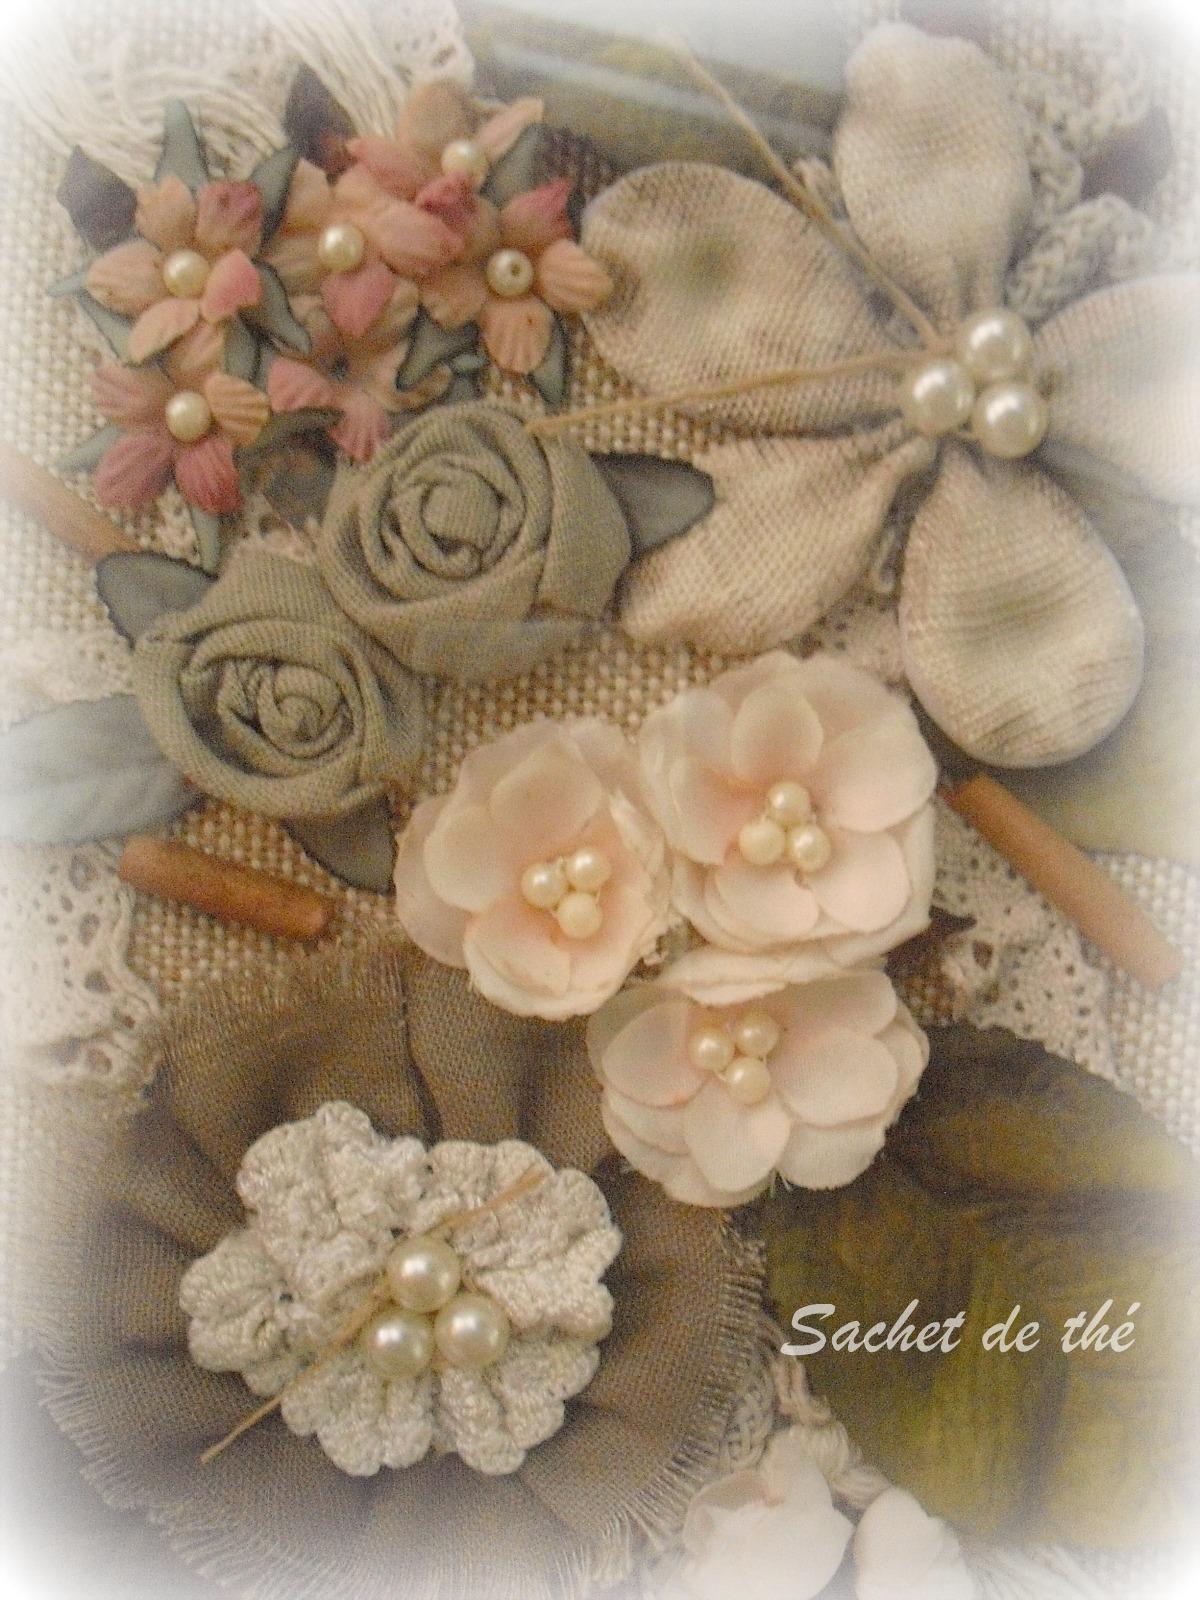 sachet de the collage con flores de tela. Black Bedroom Furniture Sets. Home Design Ideas